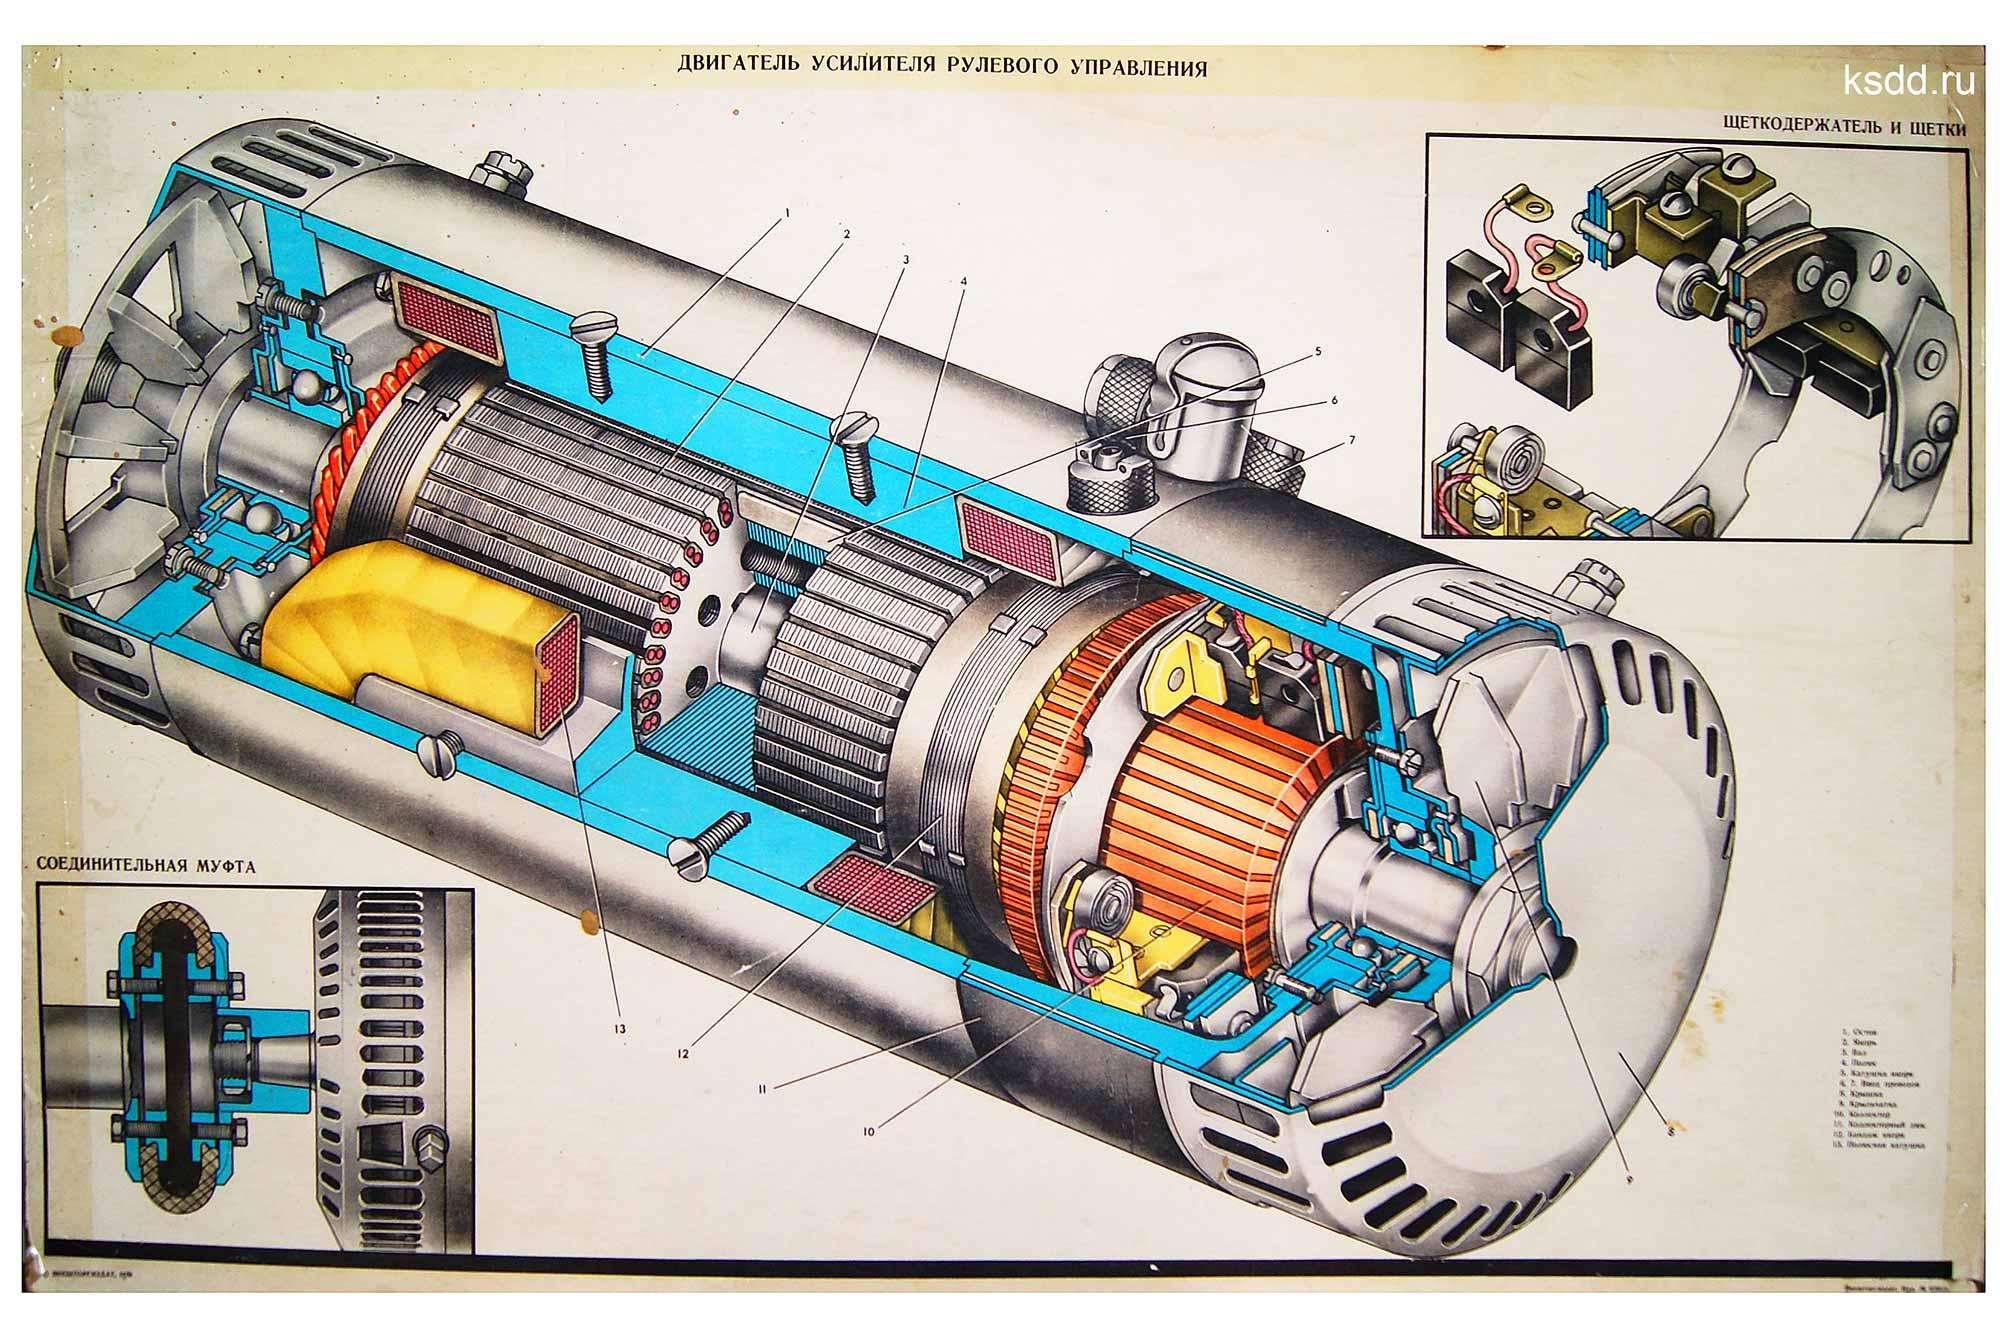 17.-Двигатель-усилителя-рулевого-управления